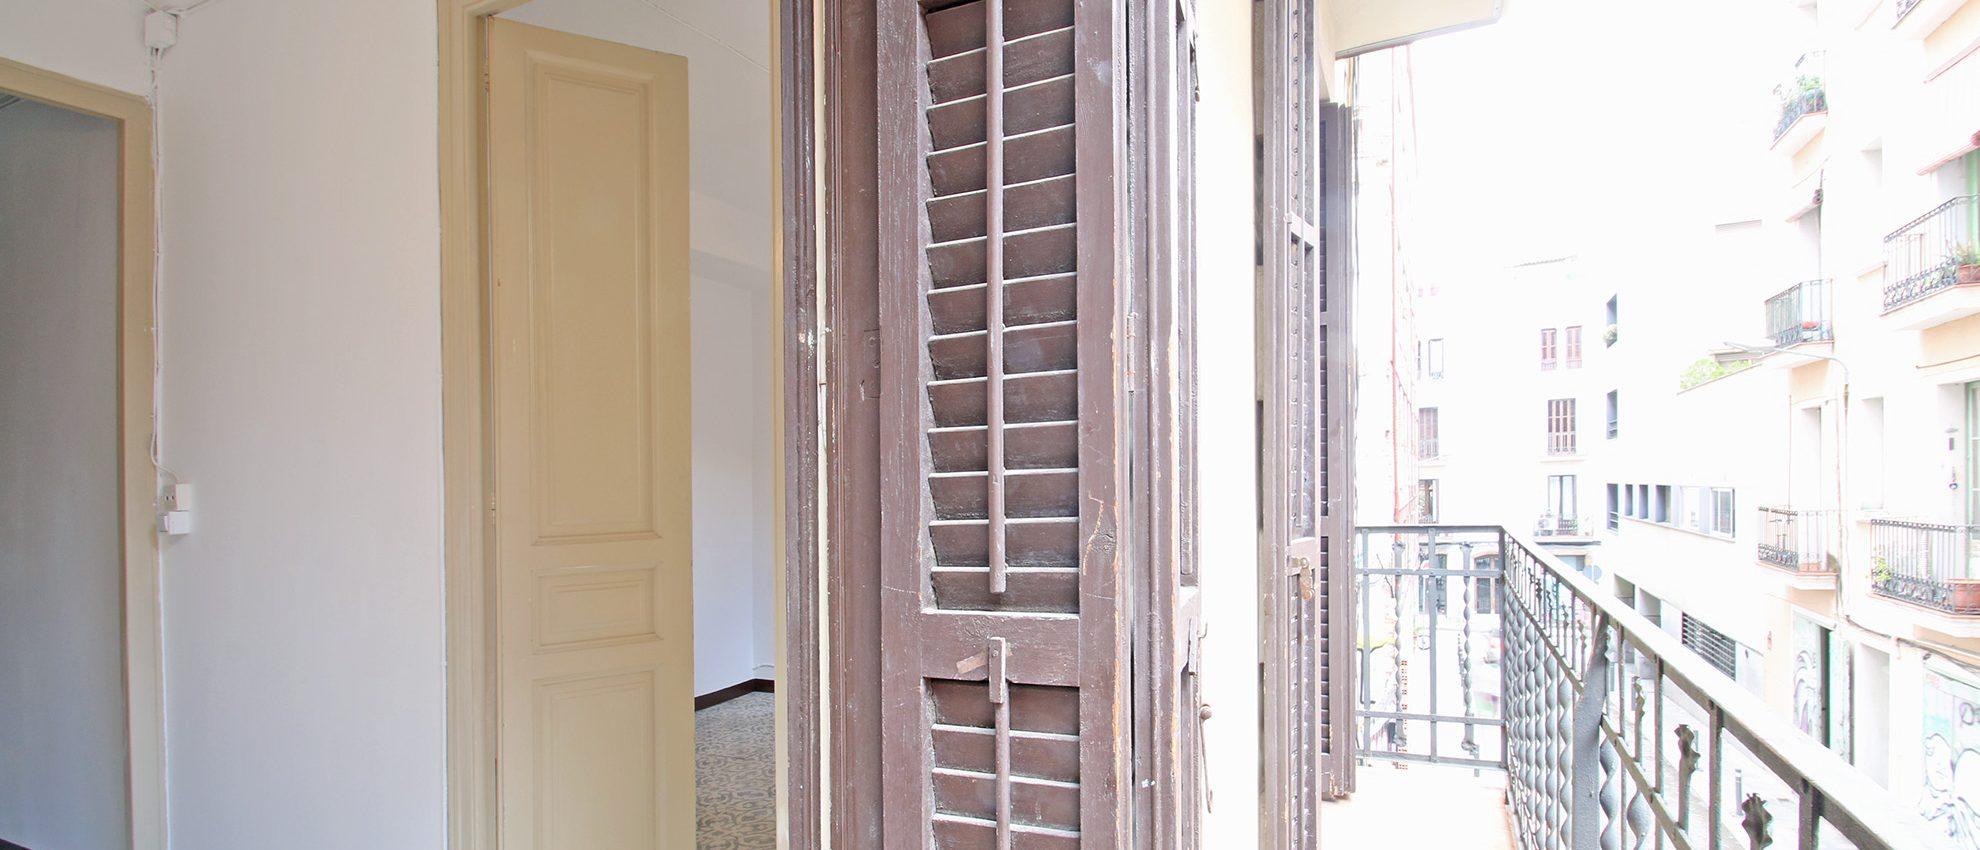 Jaén 2 apartment